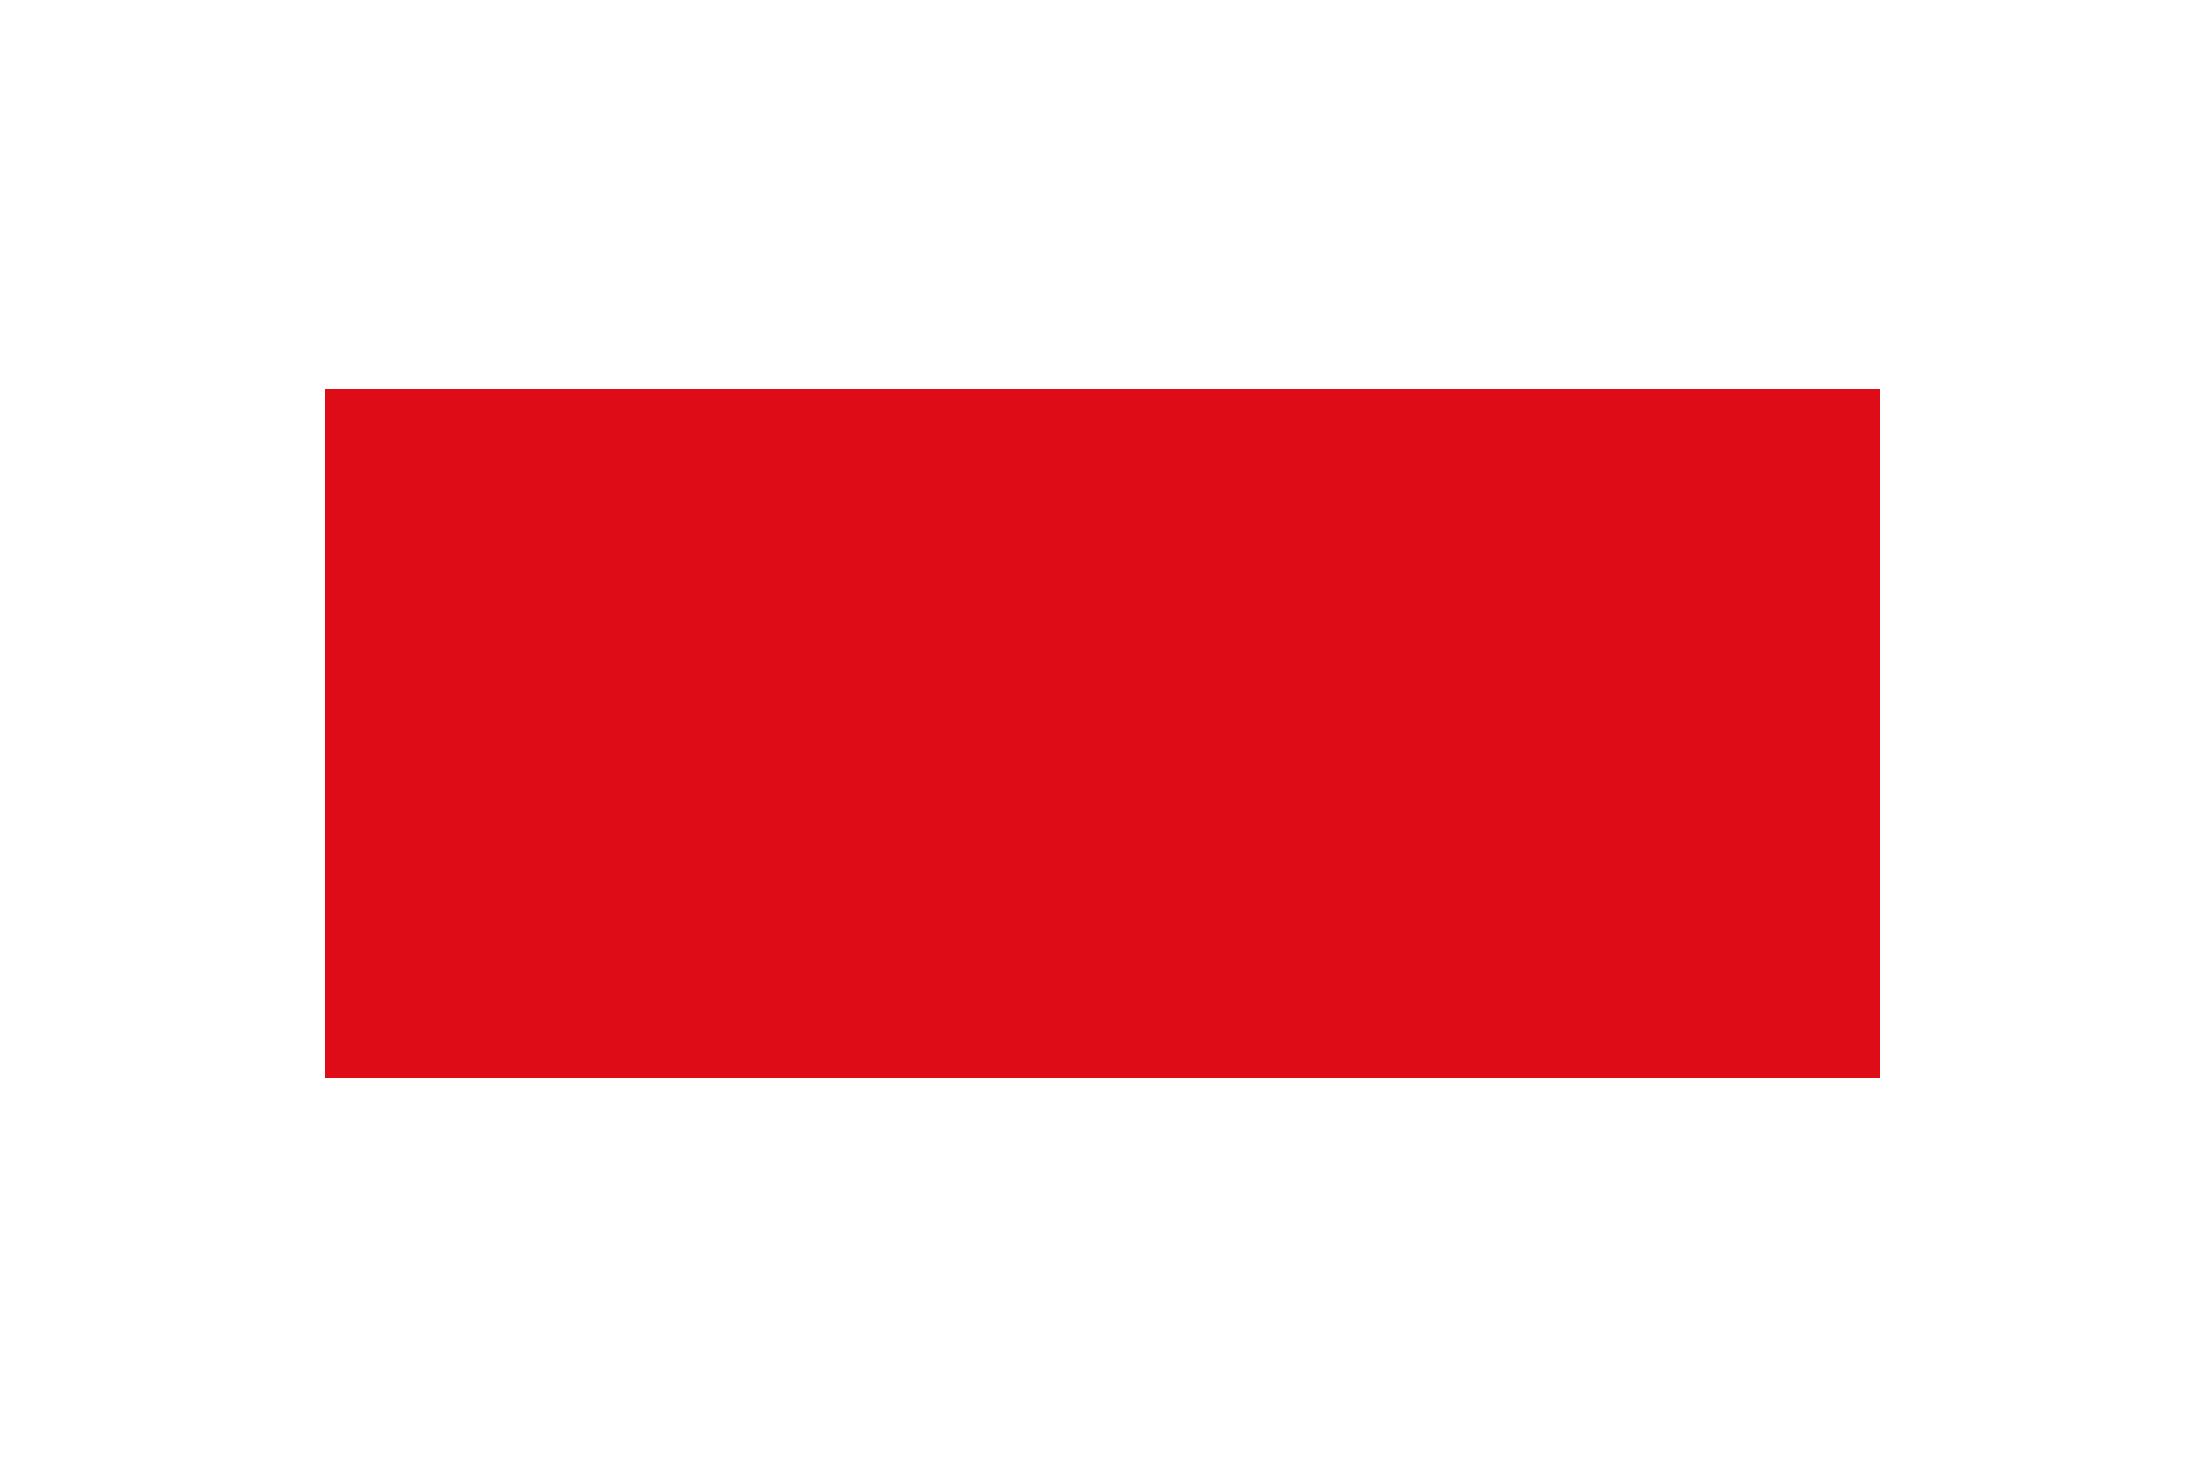 Void stamp PSD